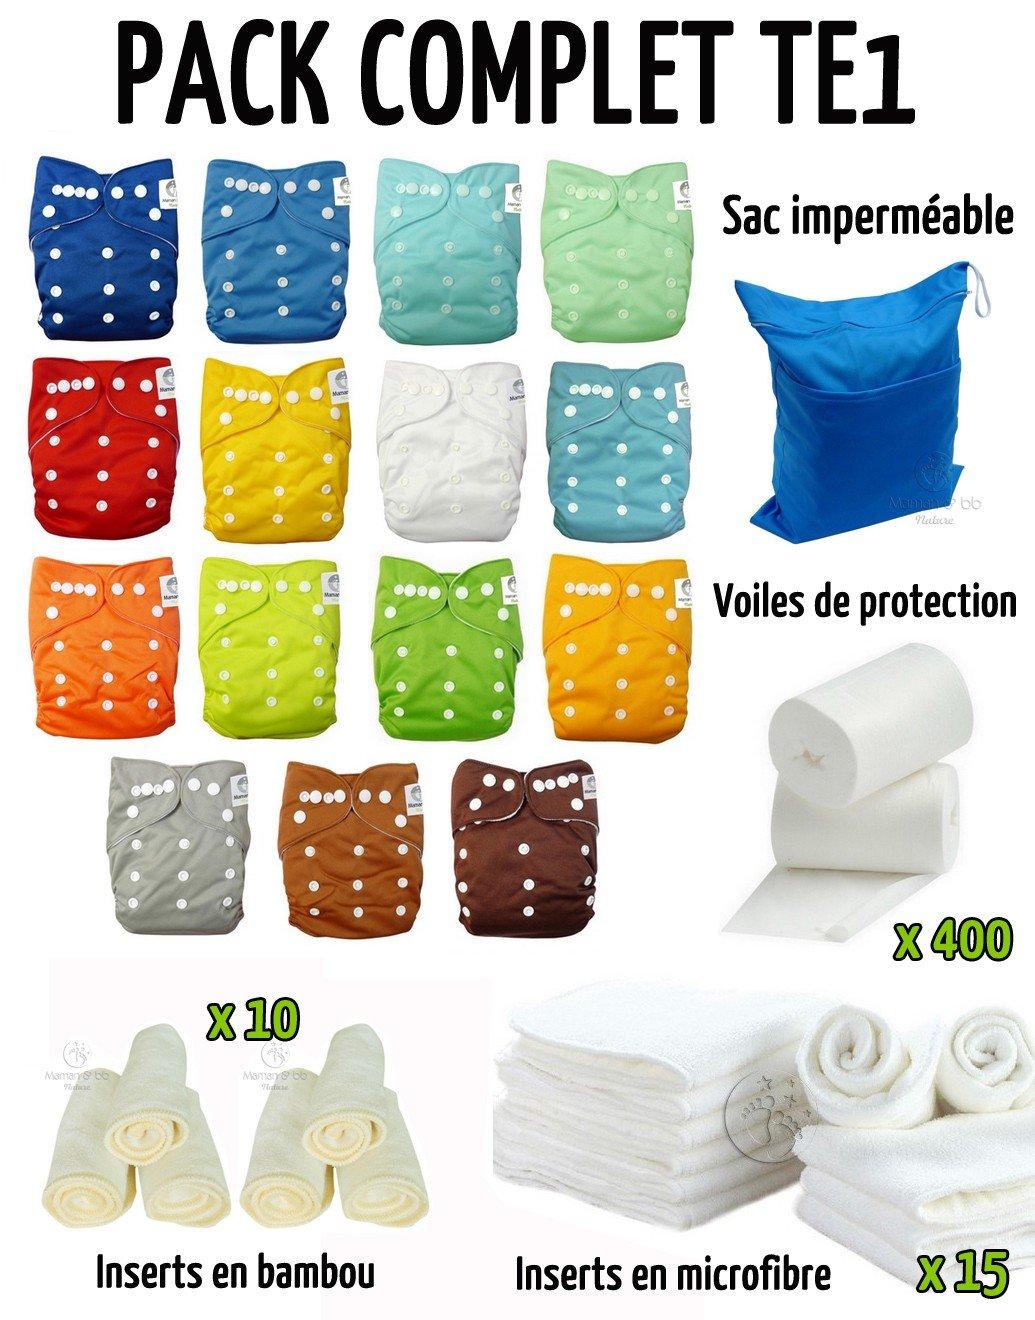 Pack complet : lot de 15 couches lavables + inserts + voiles + sac imperméable tons bleus Maman et bb Nature